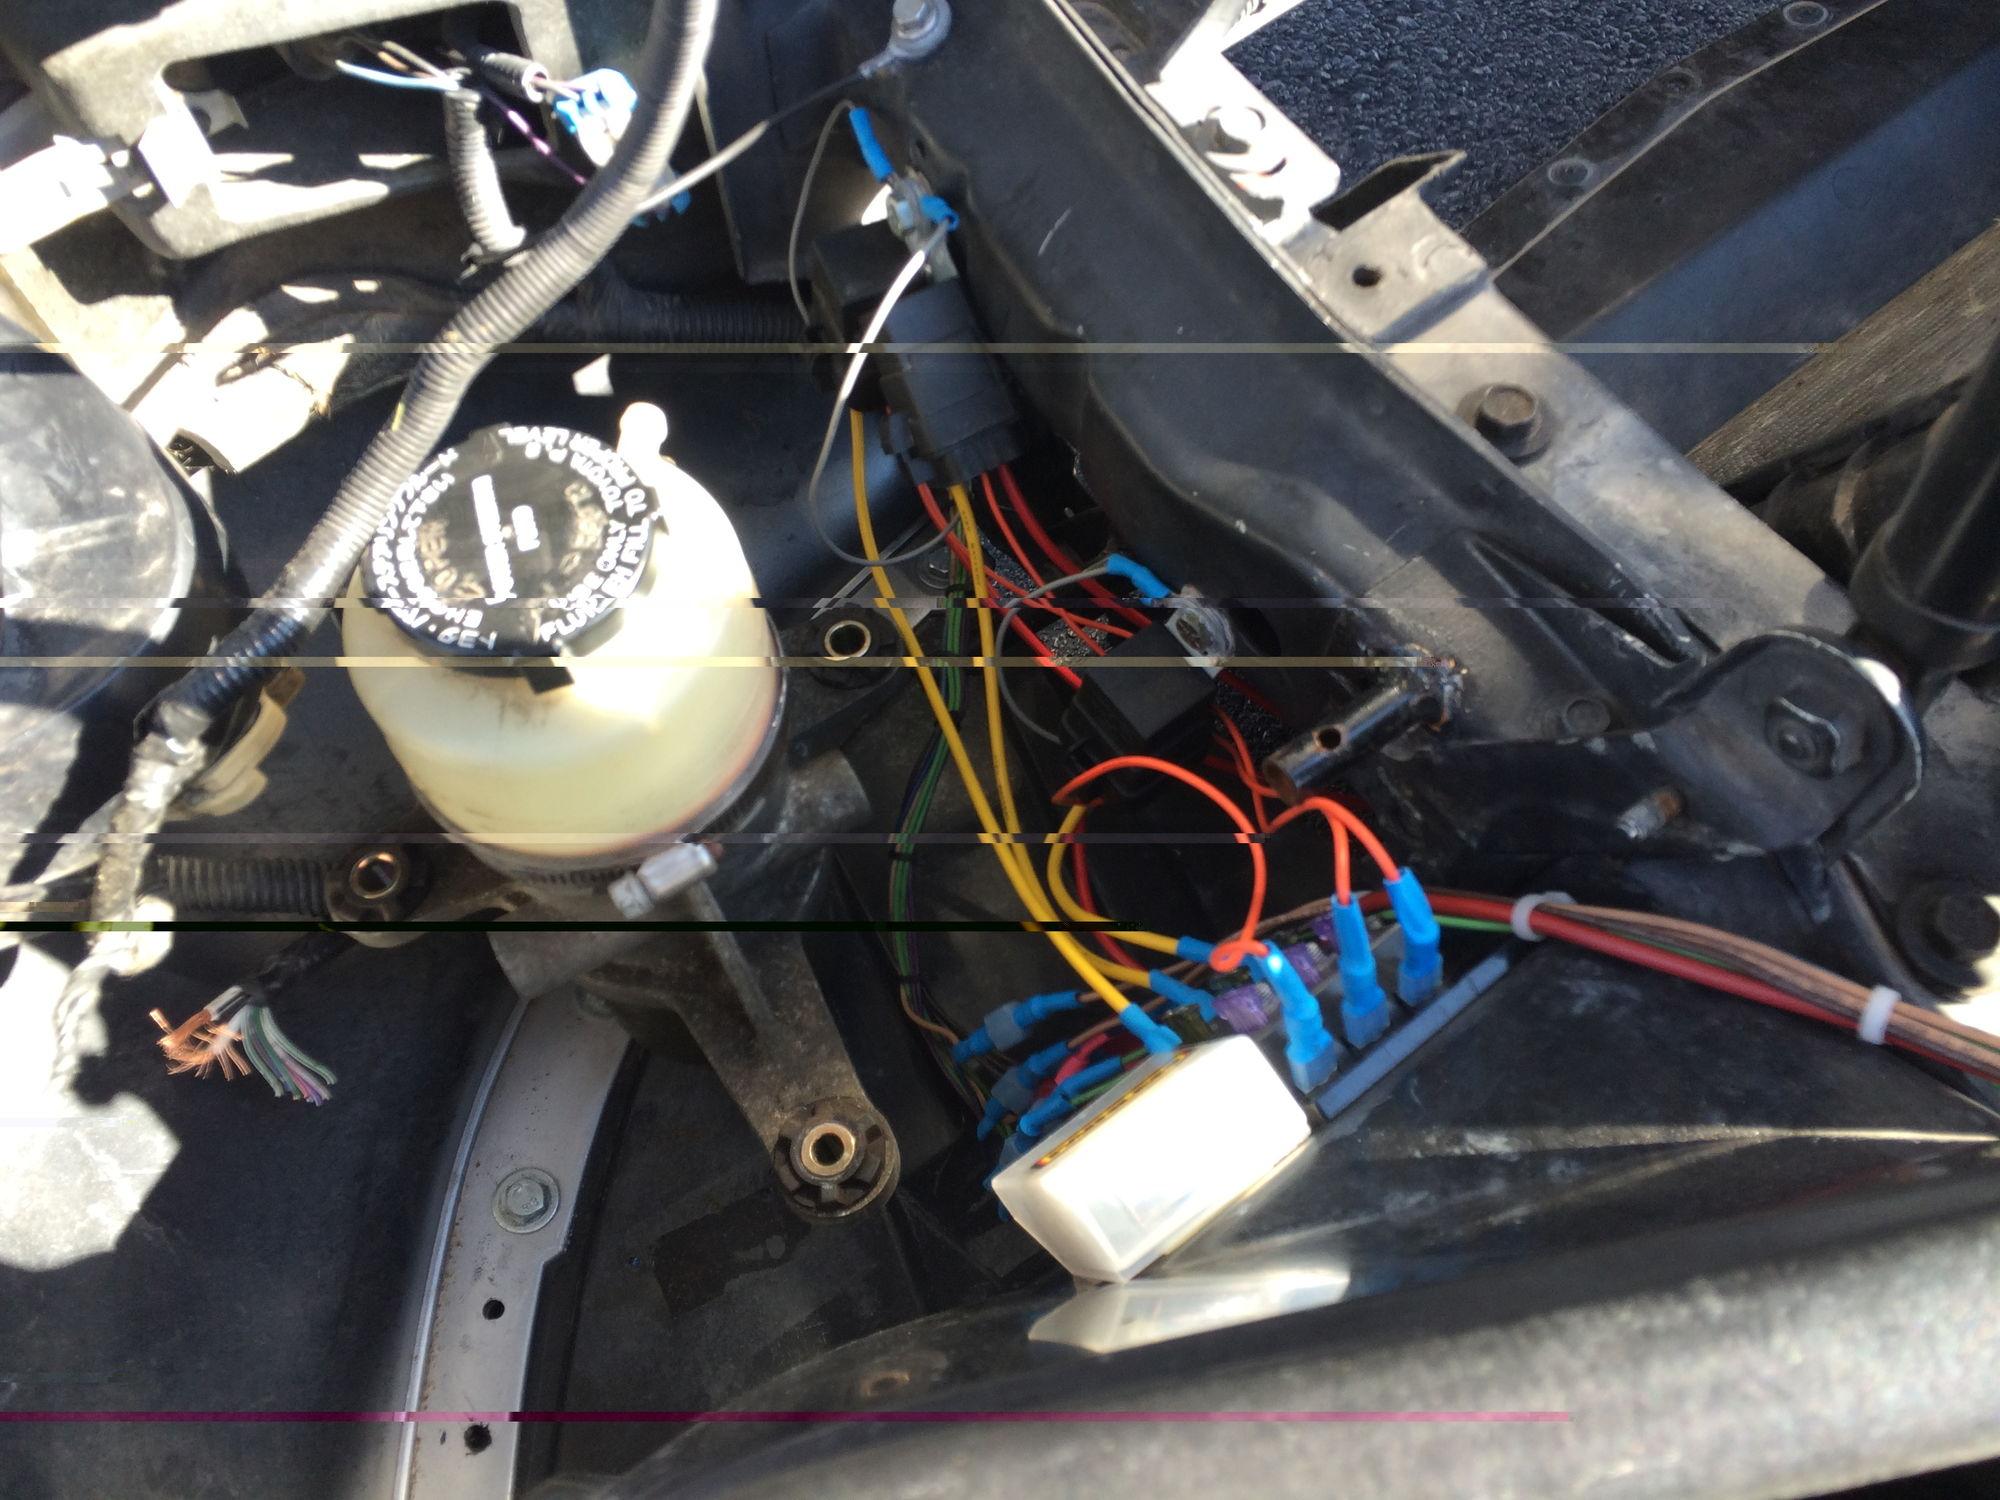 80 pump3_4807e90c55d5363a6fc6974b9583404c55b2f161 2004 corvette wiring diagram c5 corvette abs diagram, 1954 1964 corvette wiring diagram at gsmx.co